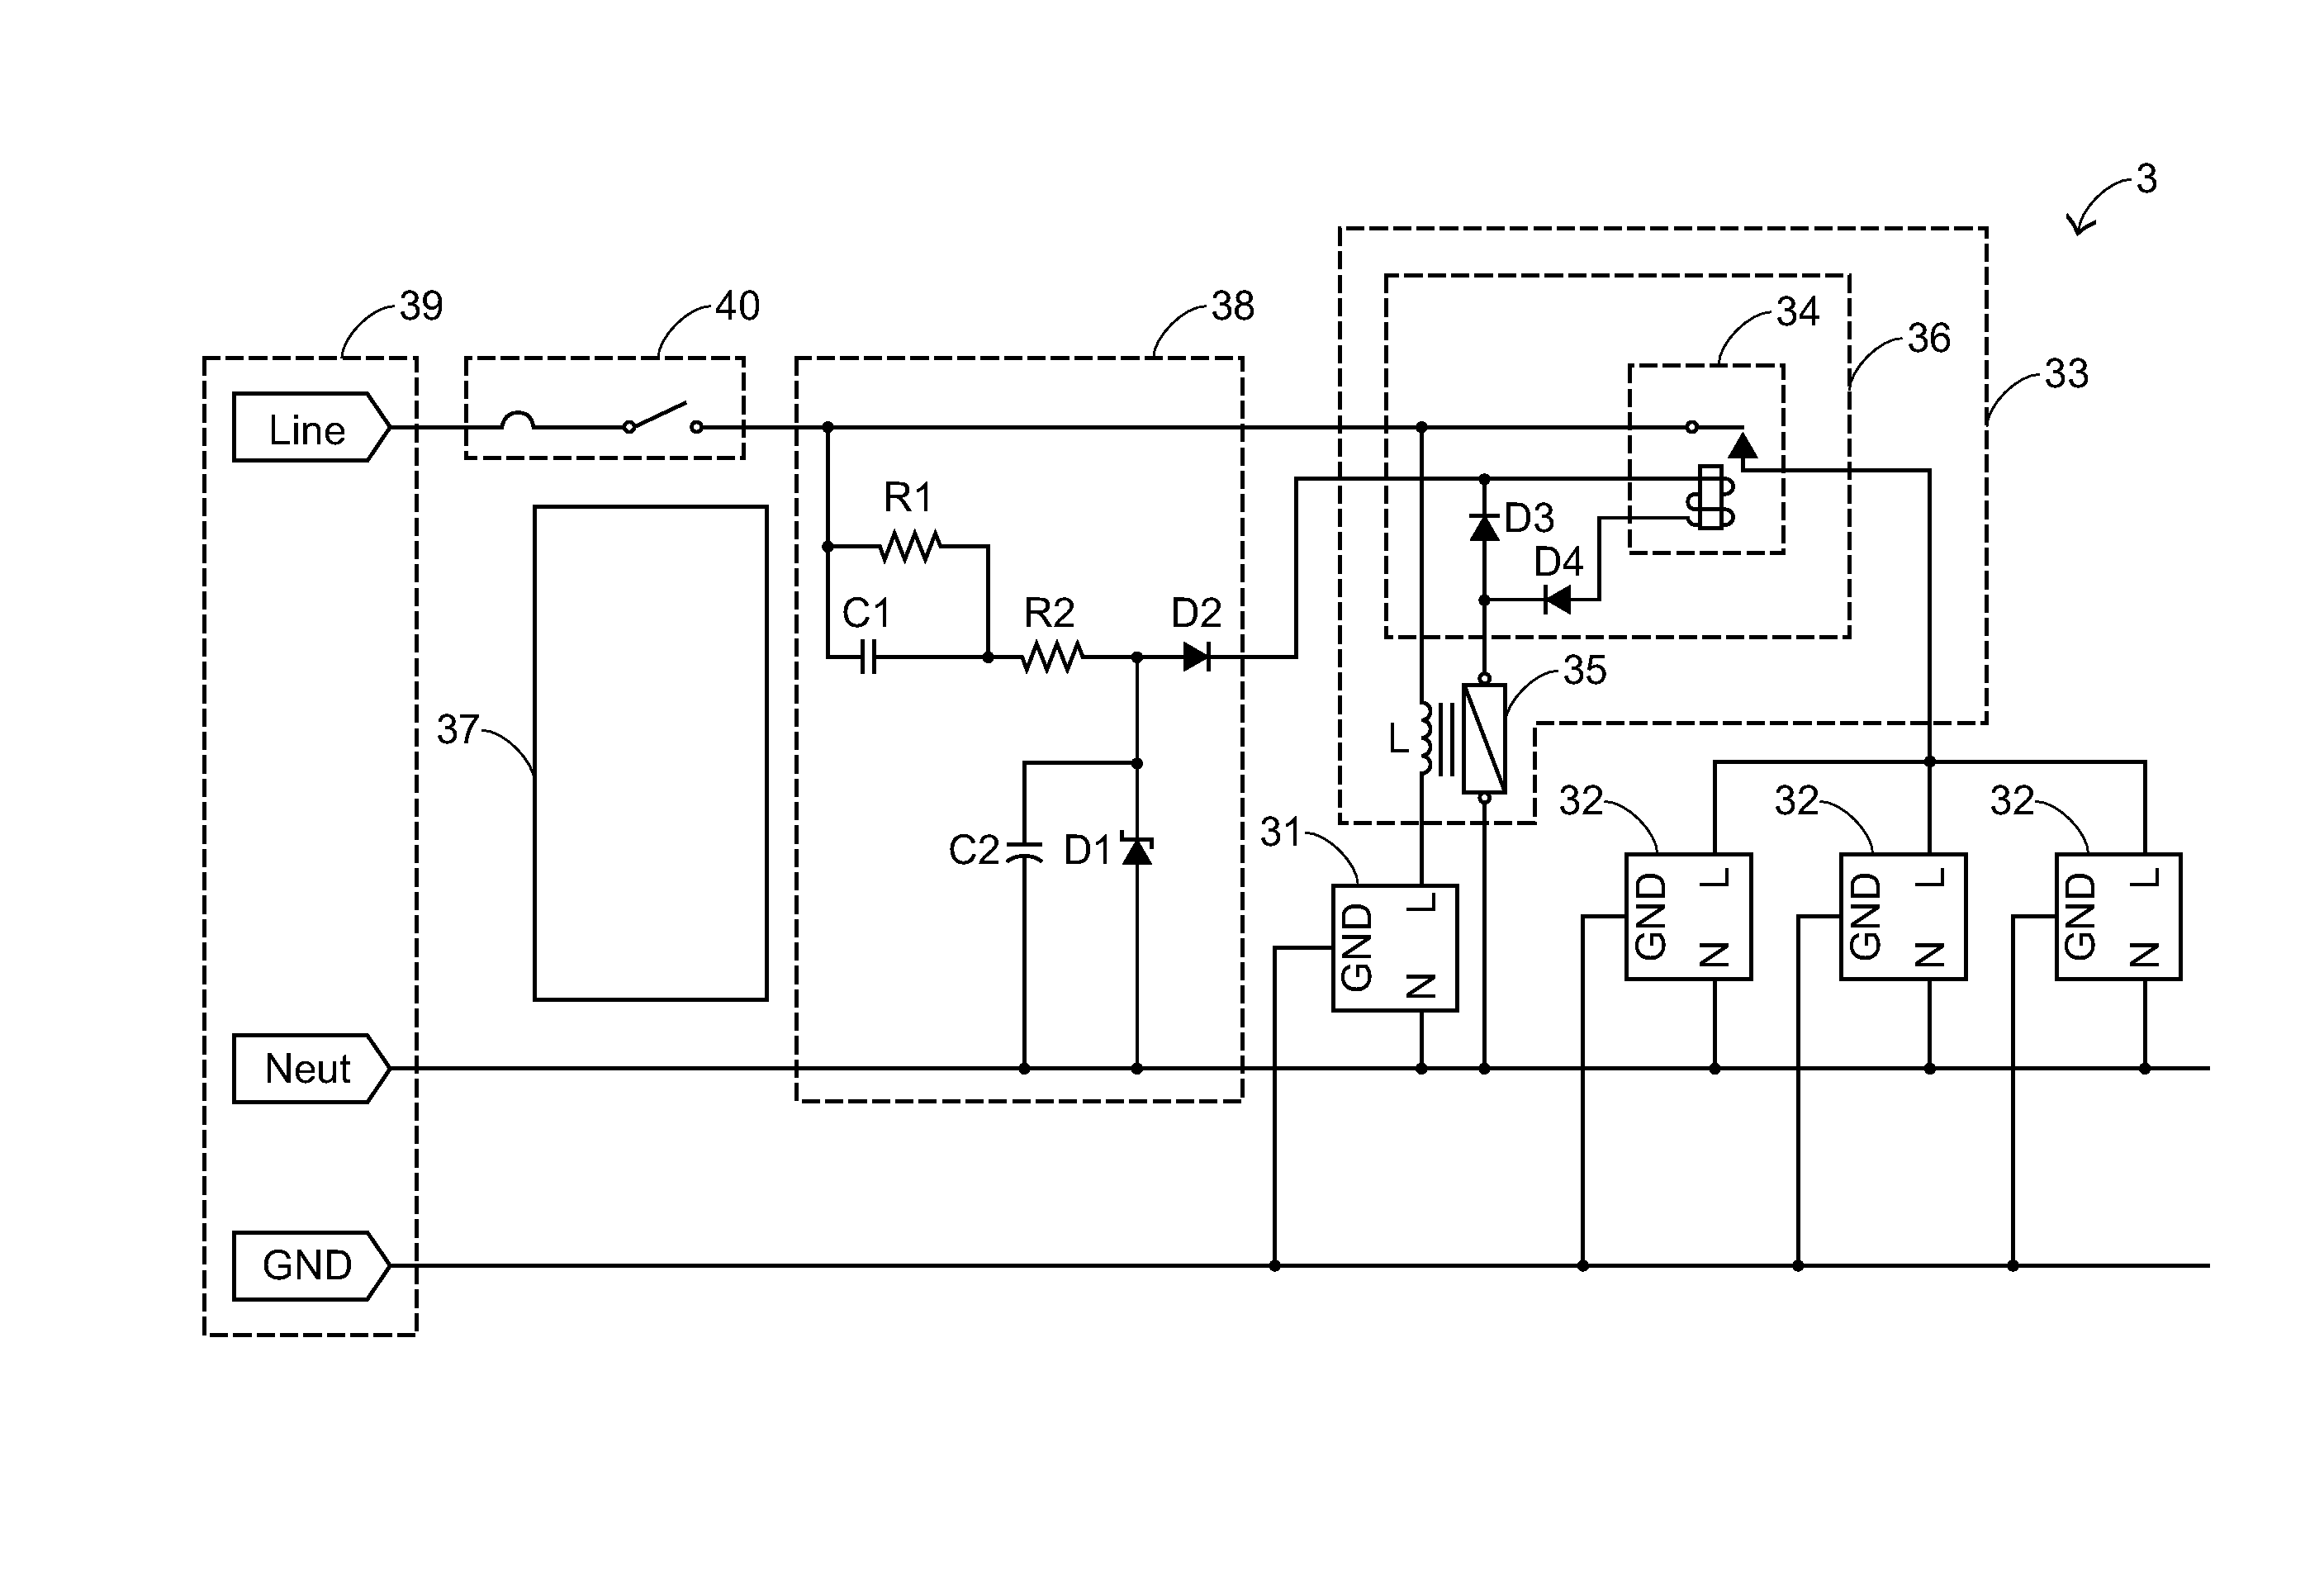 power strip schematic wiring diagrams favorites wiring diagram for power strips wiring diagram toolbox power strip surge protector schematic power strip schematic